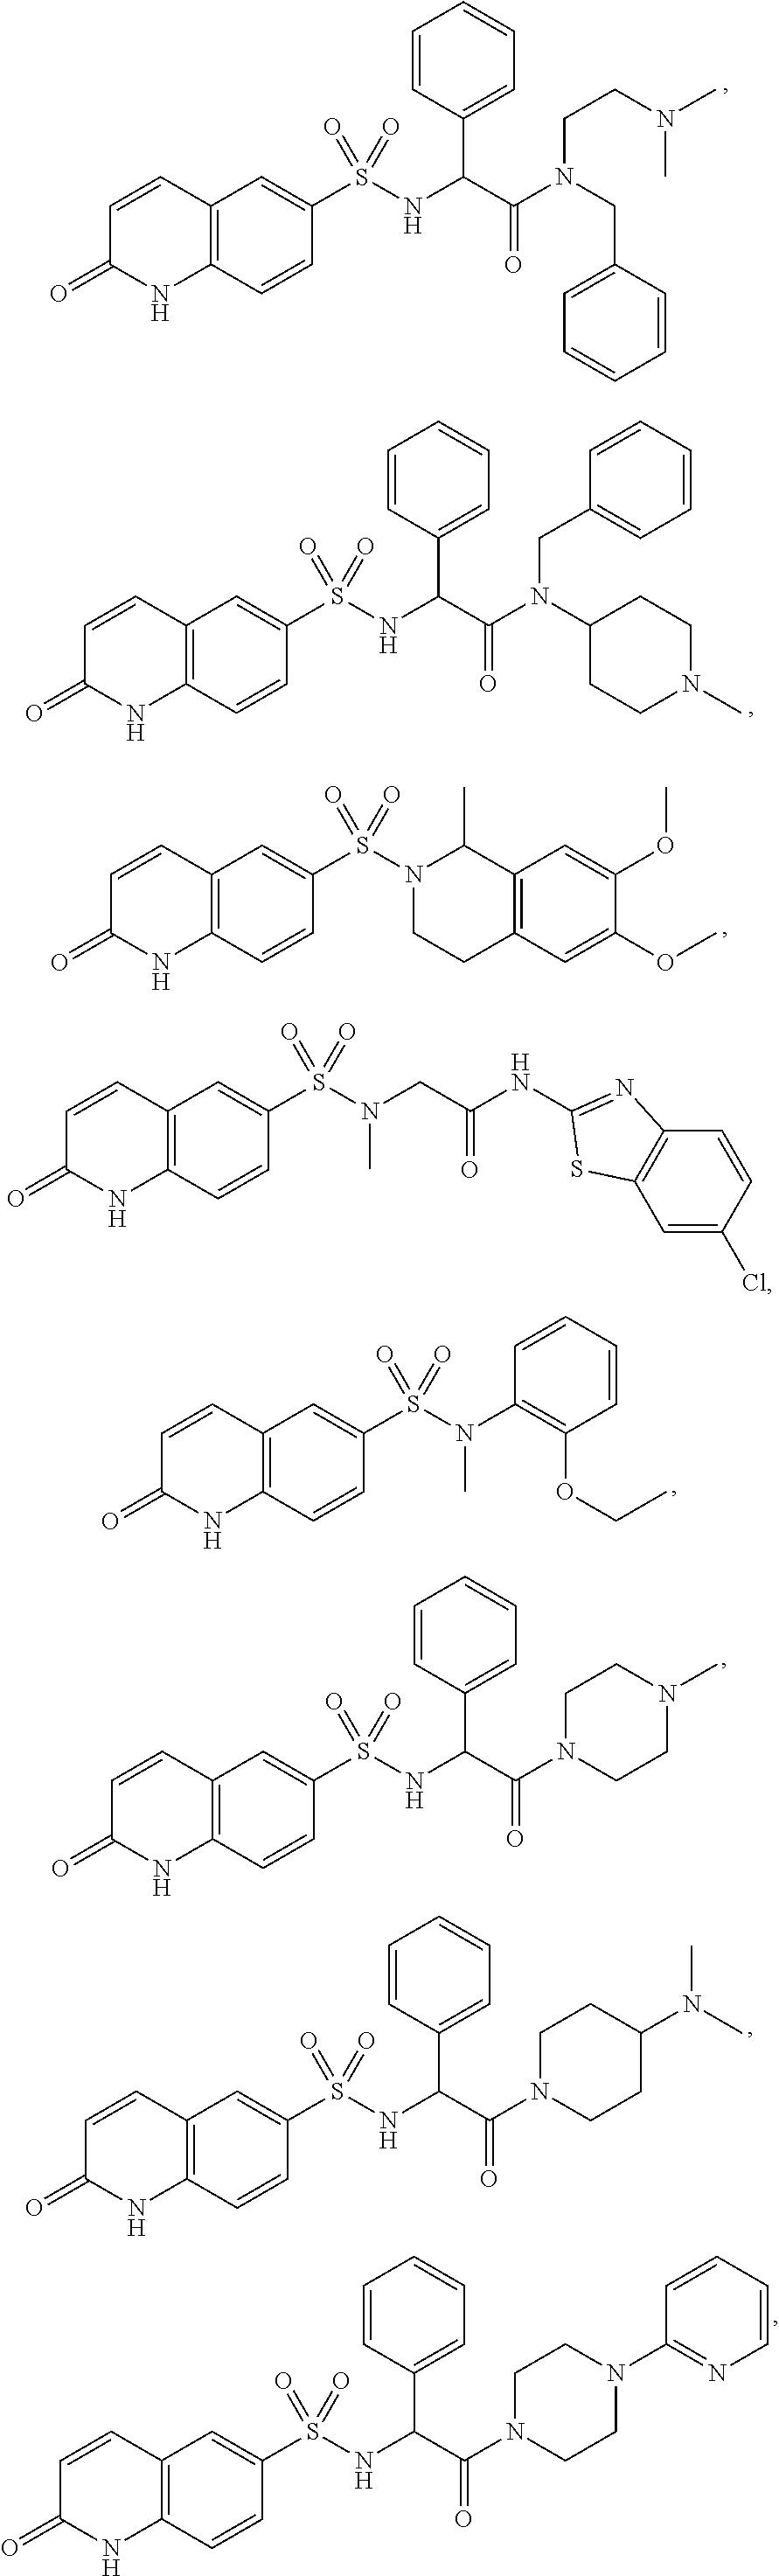 Figure US08957075-20150217-C00121